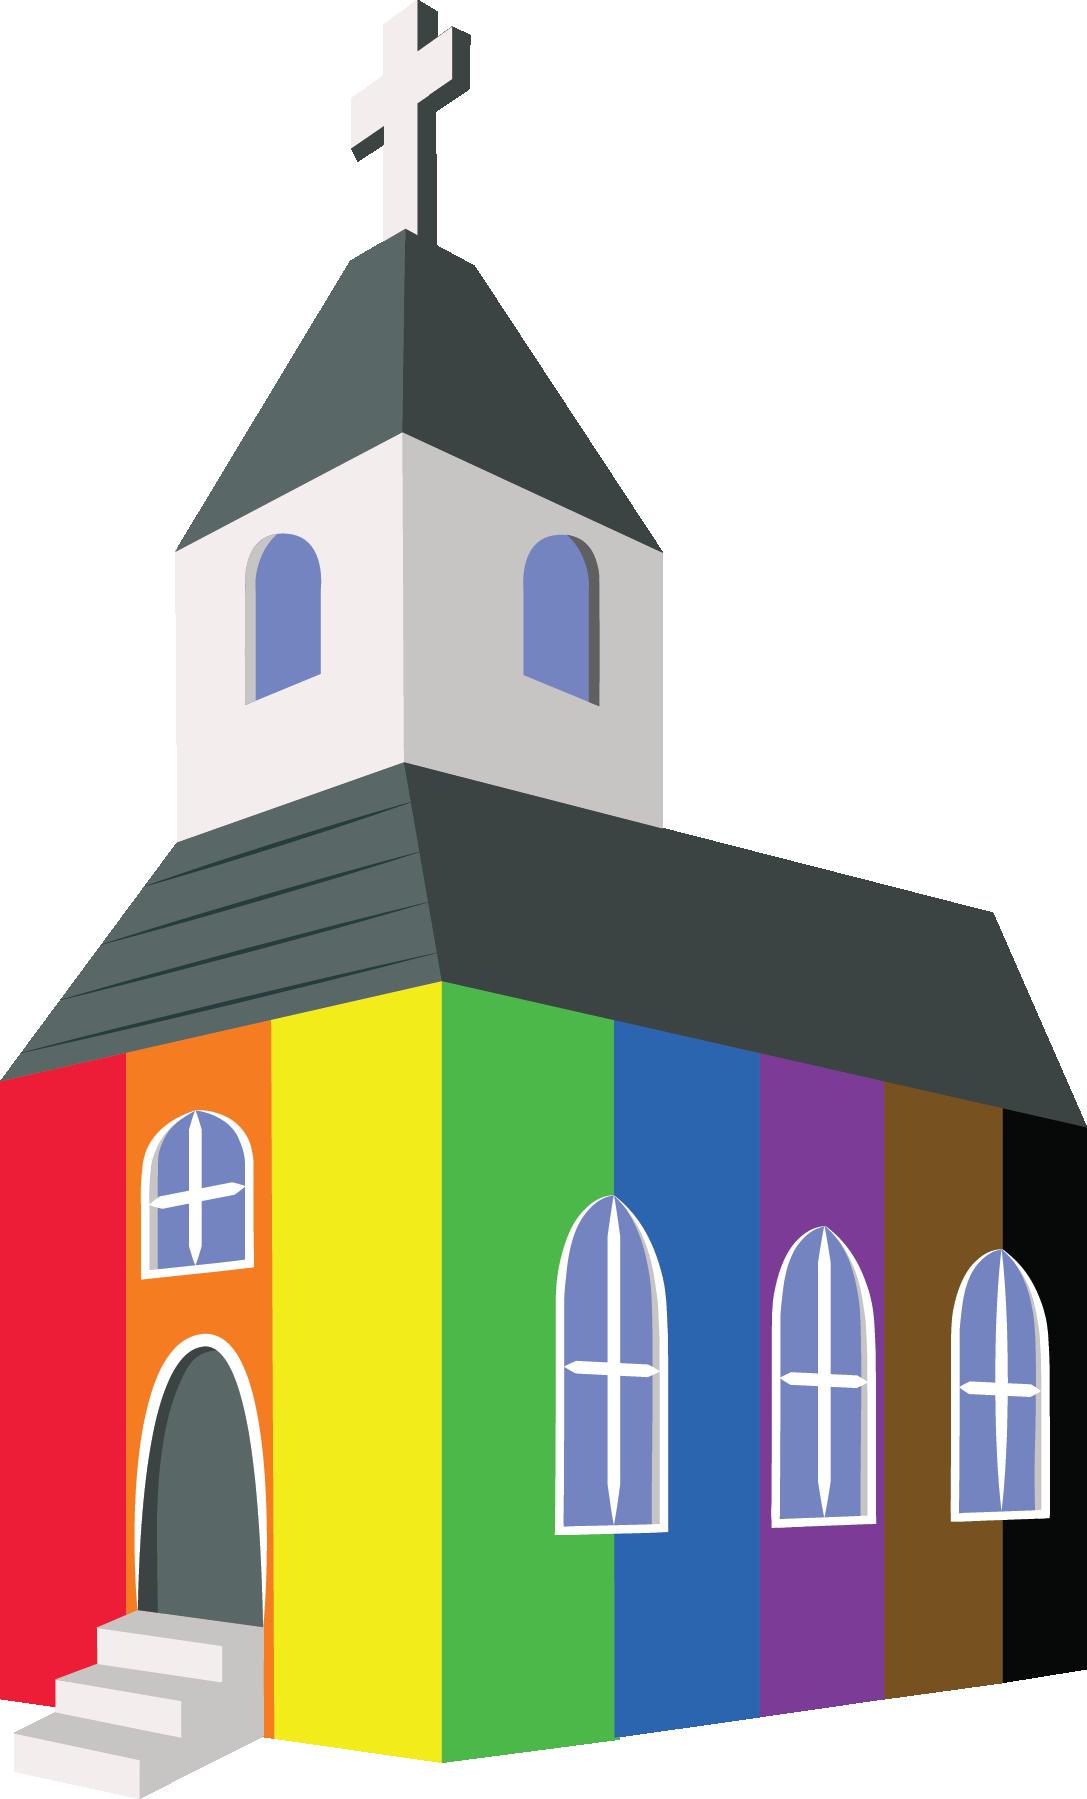 Latter-day LGBTQ+: Melissa Heaton